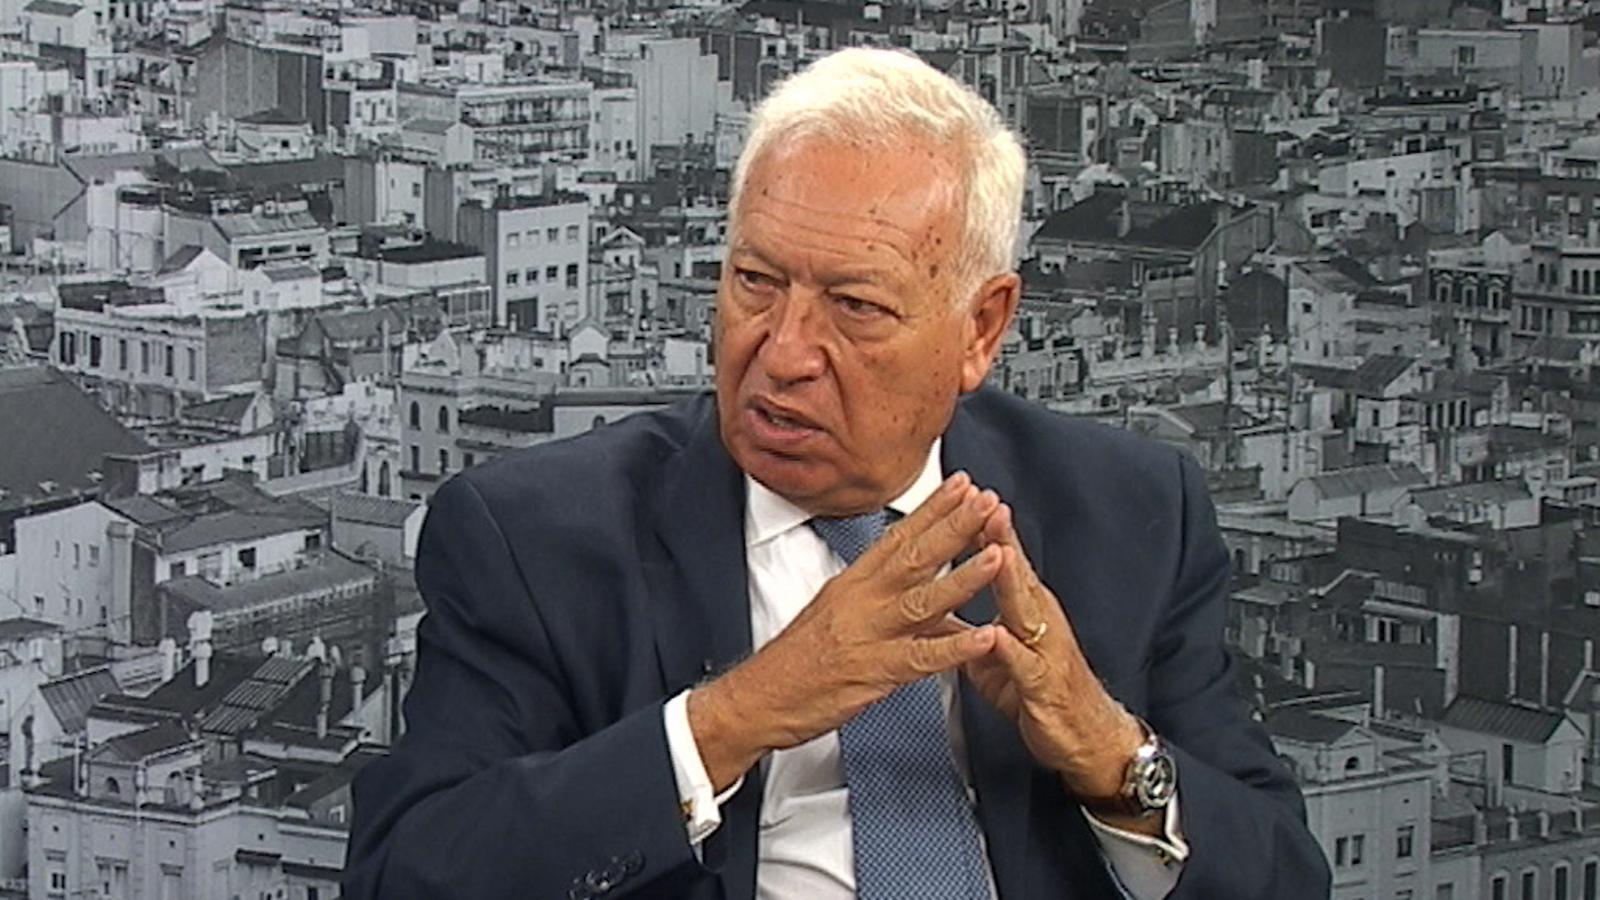 """Margallo: """"El pacte constitucional ja s'havia trencat abans de la sentència de l'Estatut del TC"""""""